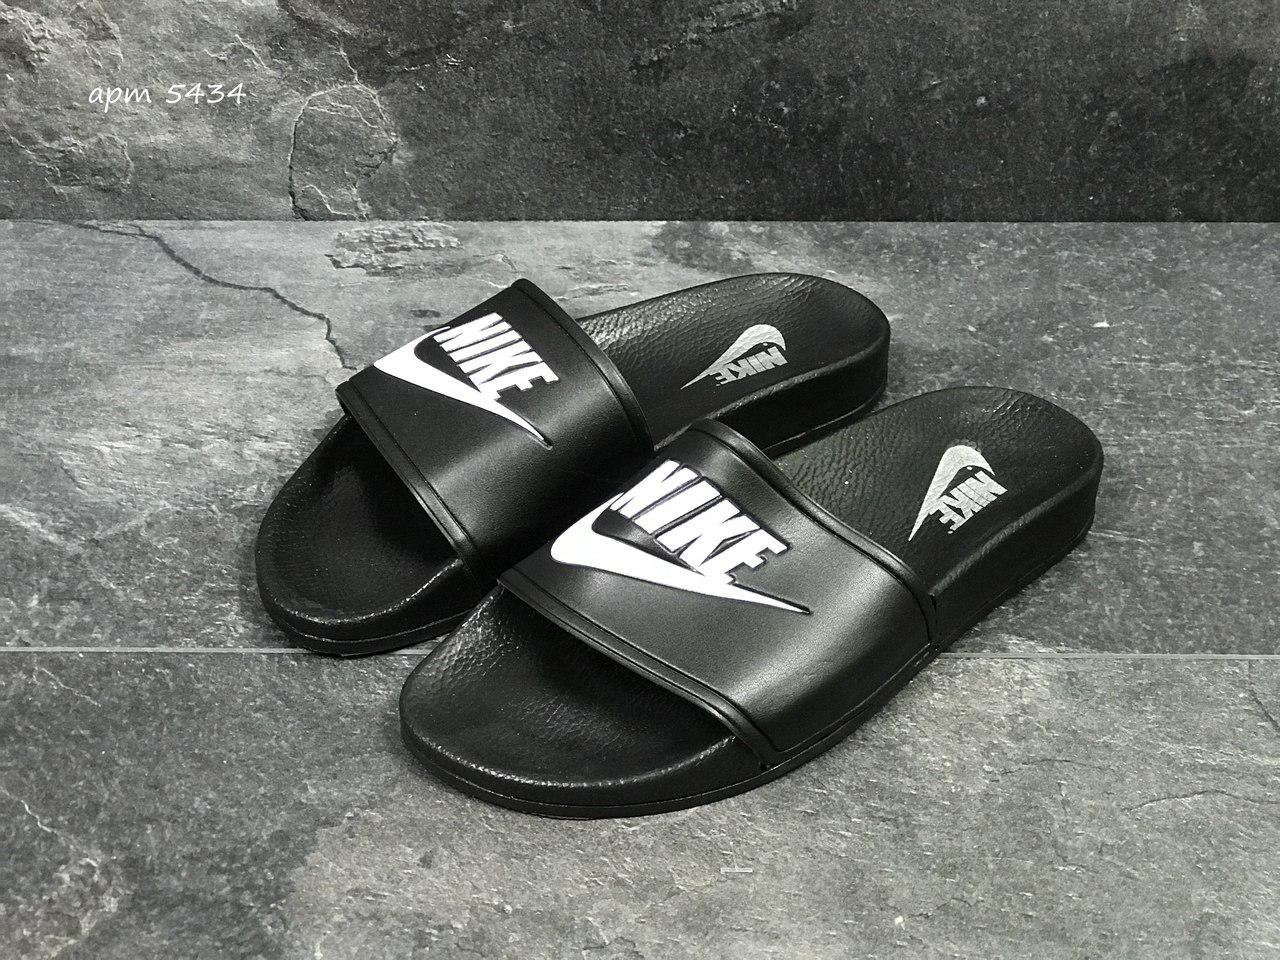 2a7b2923 Мужские шлепанцы Nike, черные 40 (Реплика), цена 400 грн., купить в ...